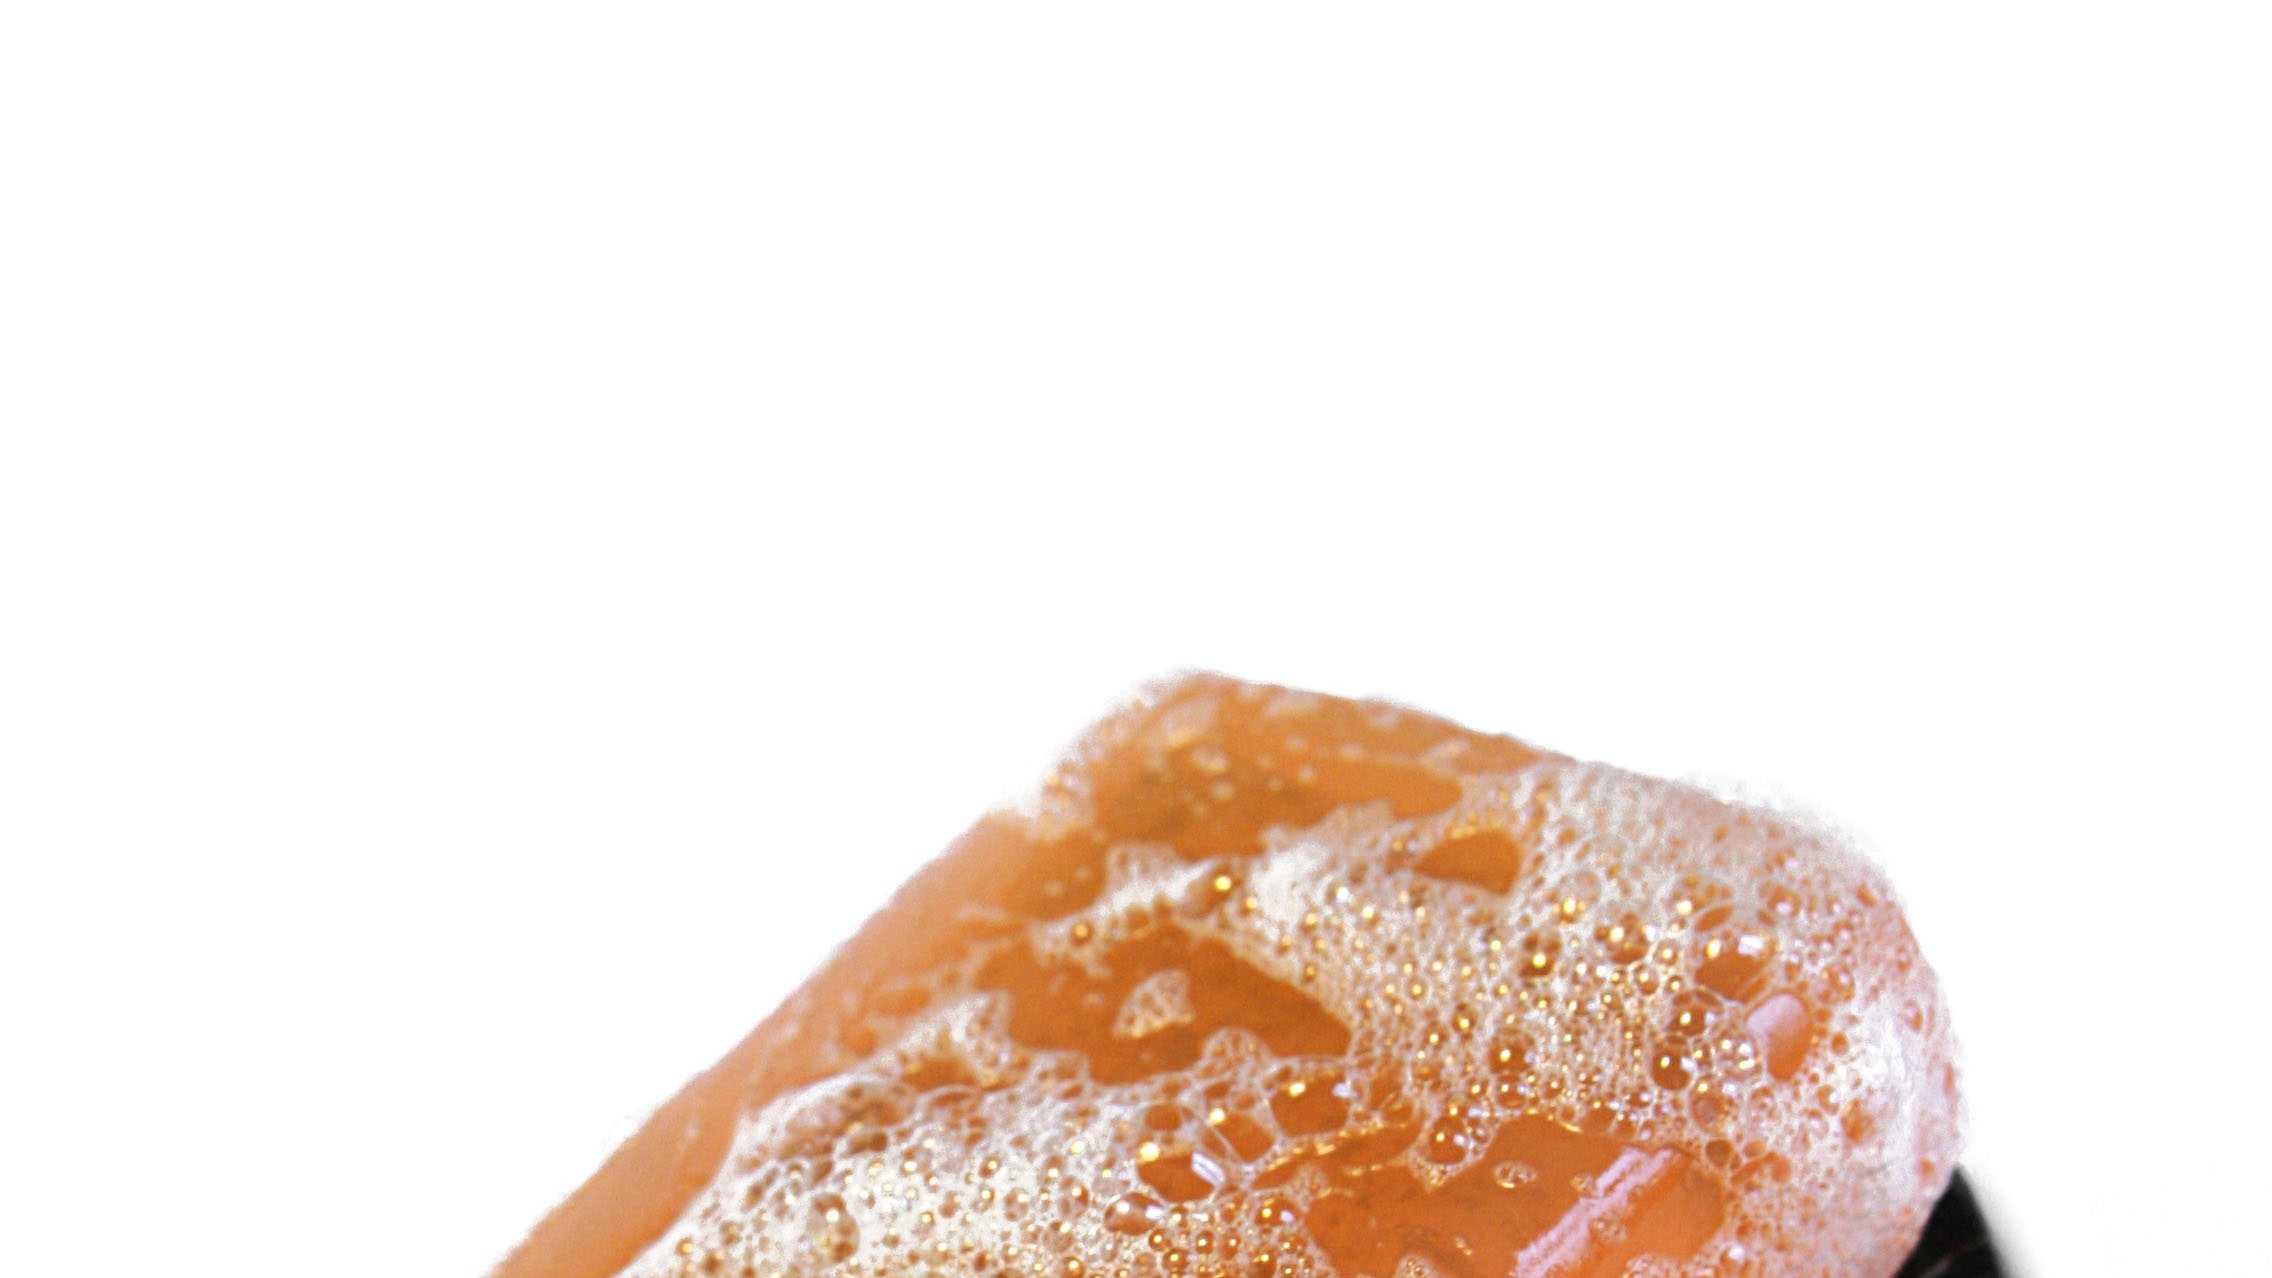 Soap in Dish 102313